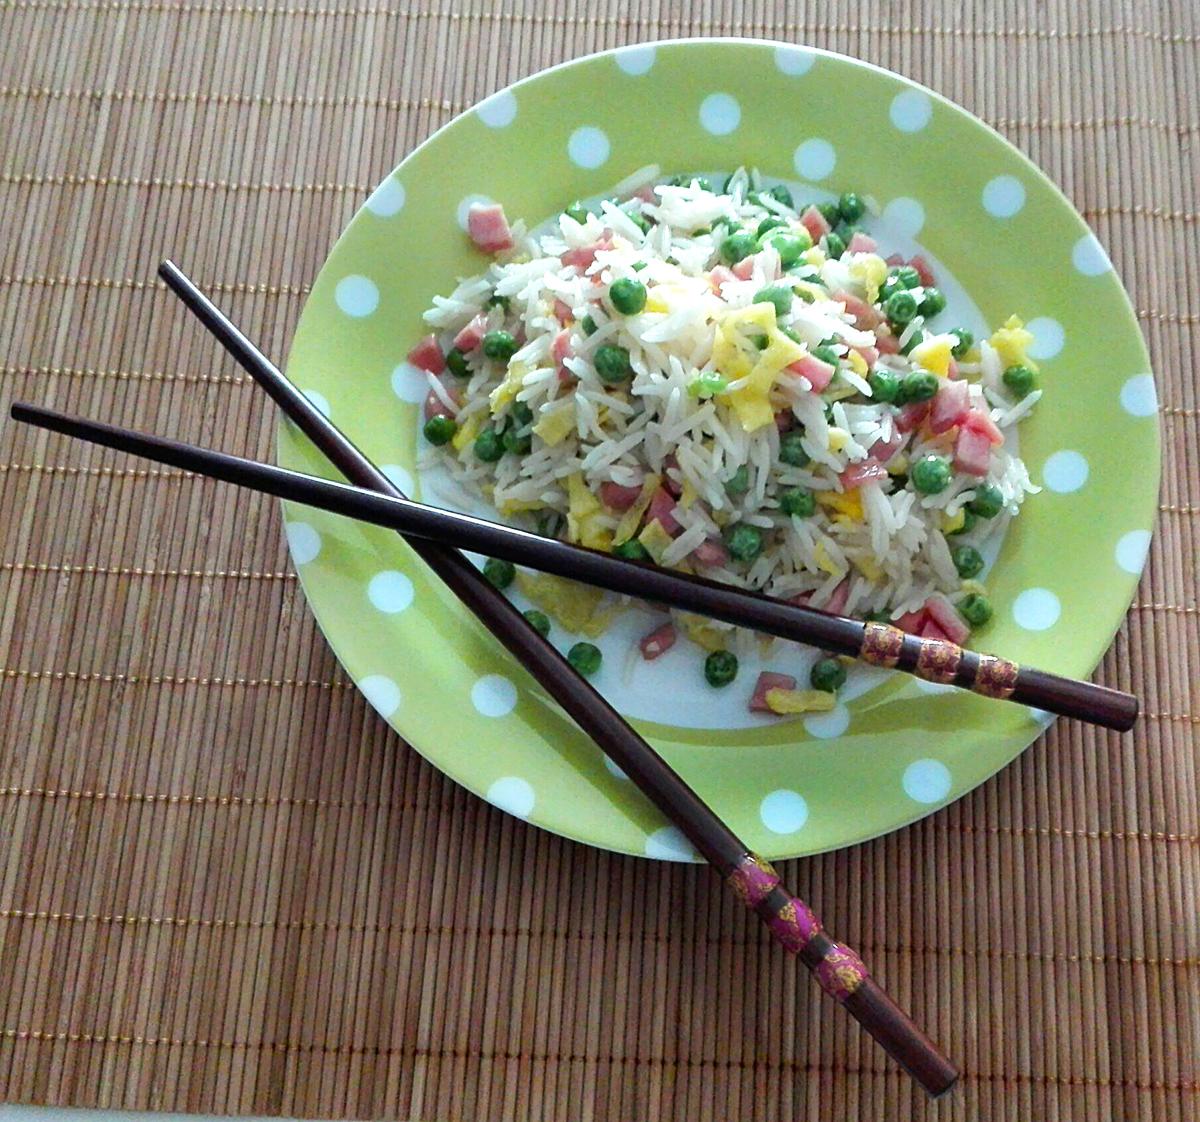 Cucina Cinese Homemade Cena Completa